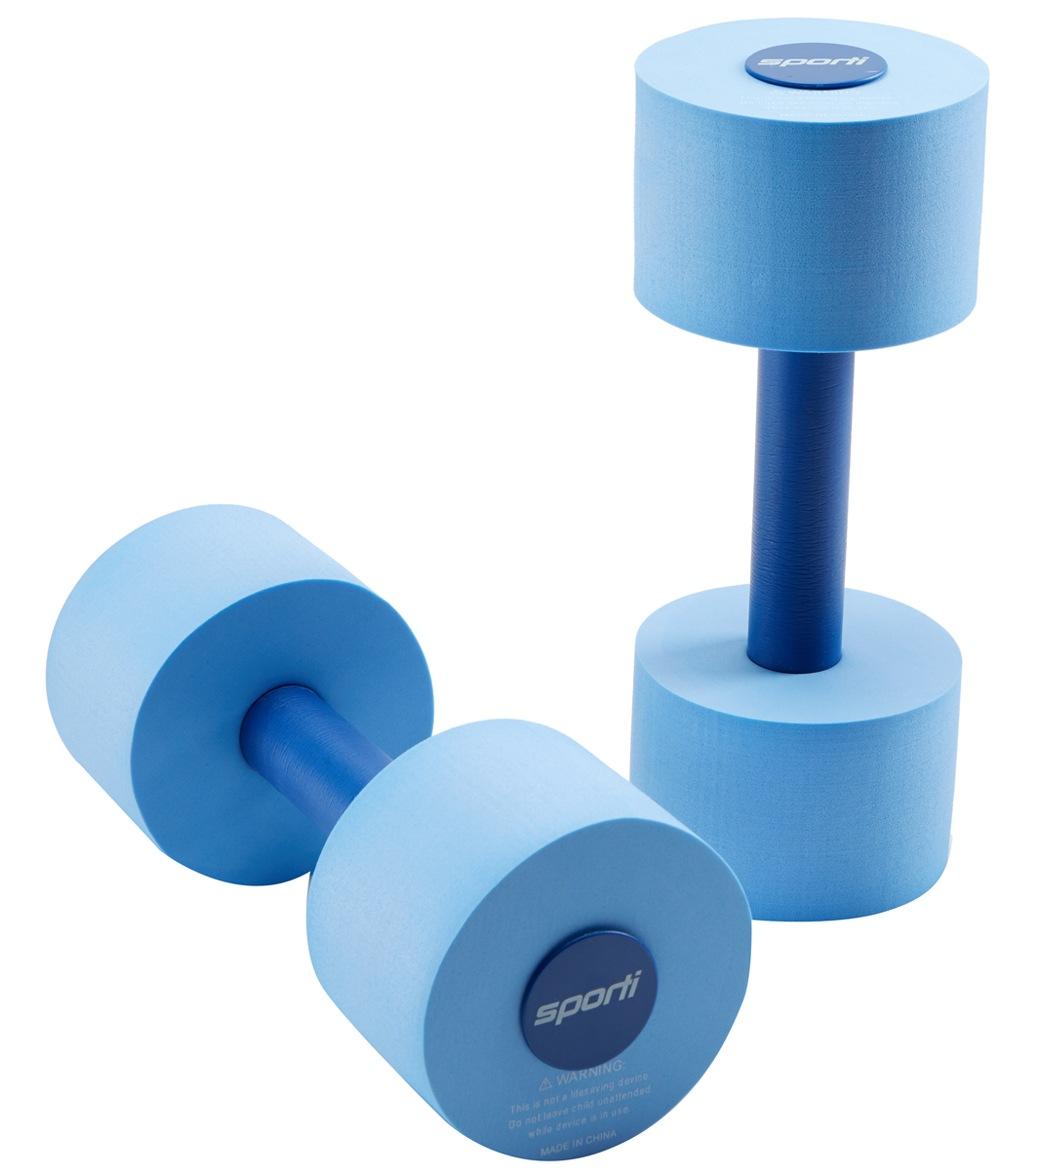 Sporti Aquatic Fitness Light Dumbbells